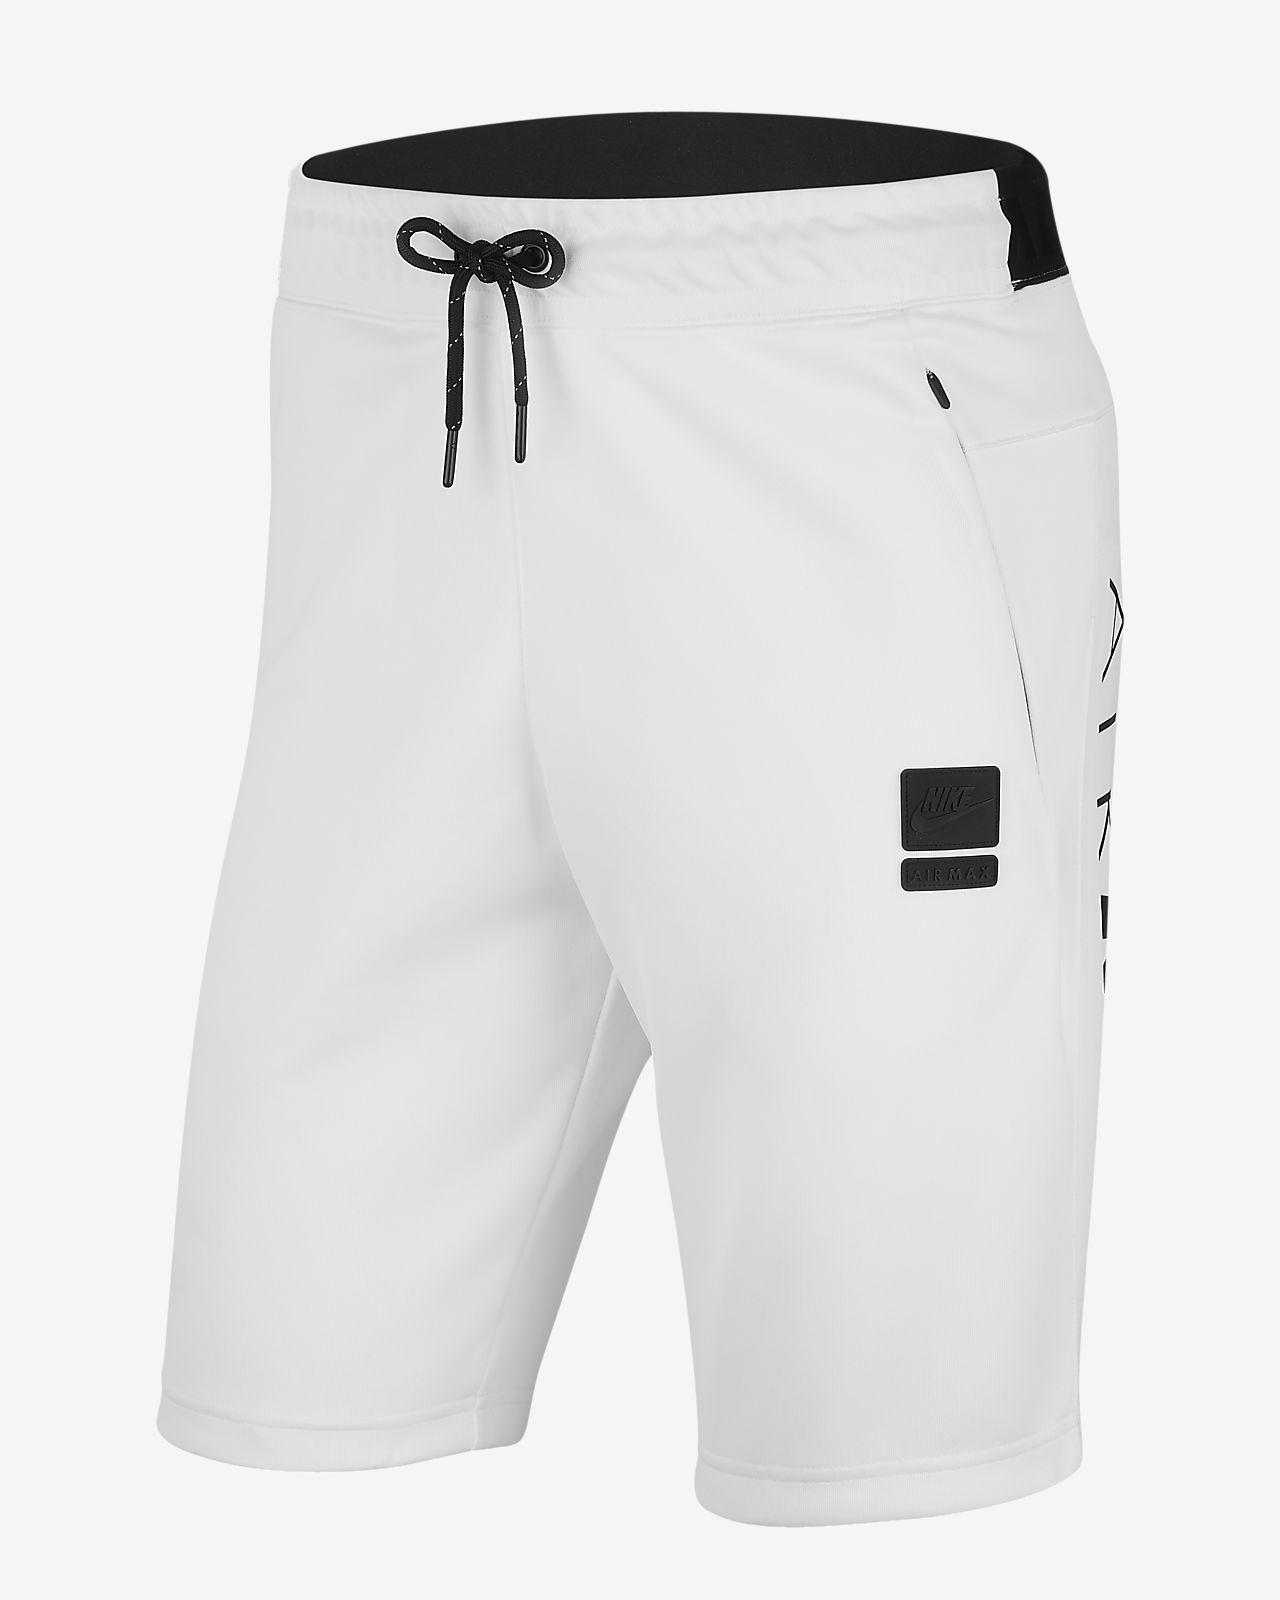 a86fbaf61f Nike Sportswear Men's Shorts